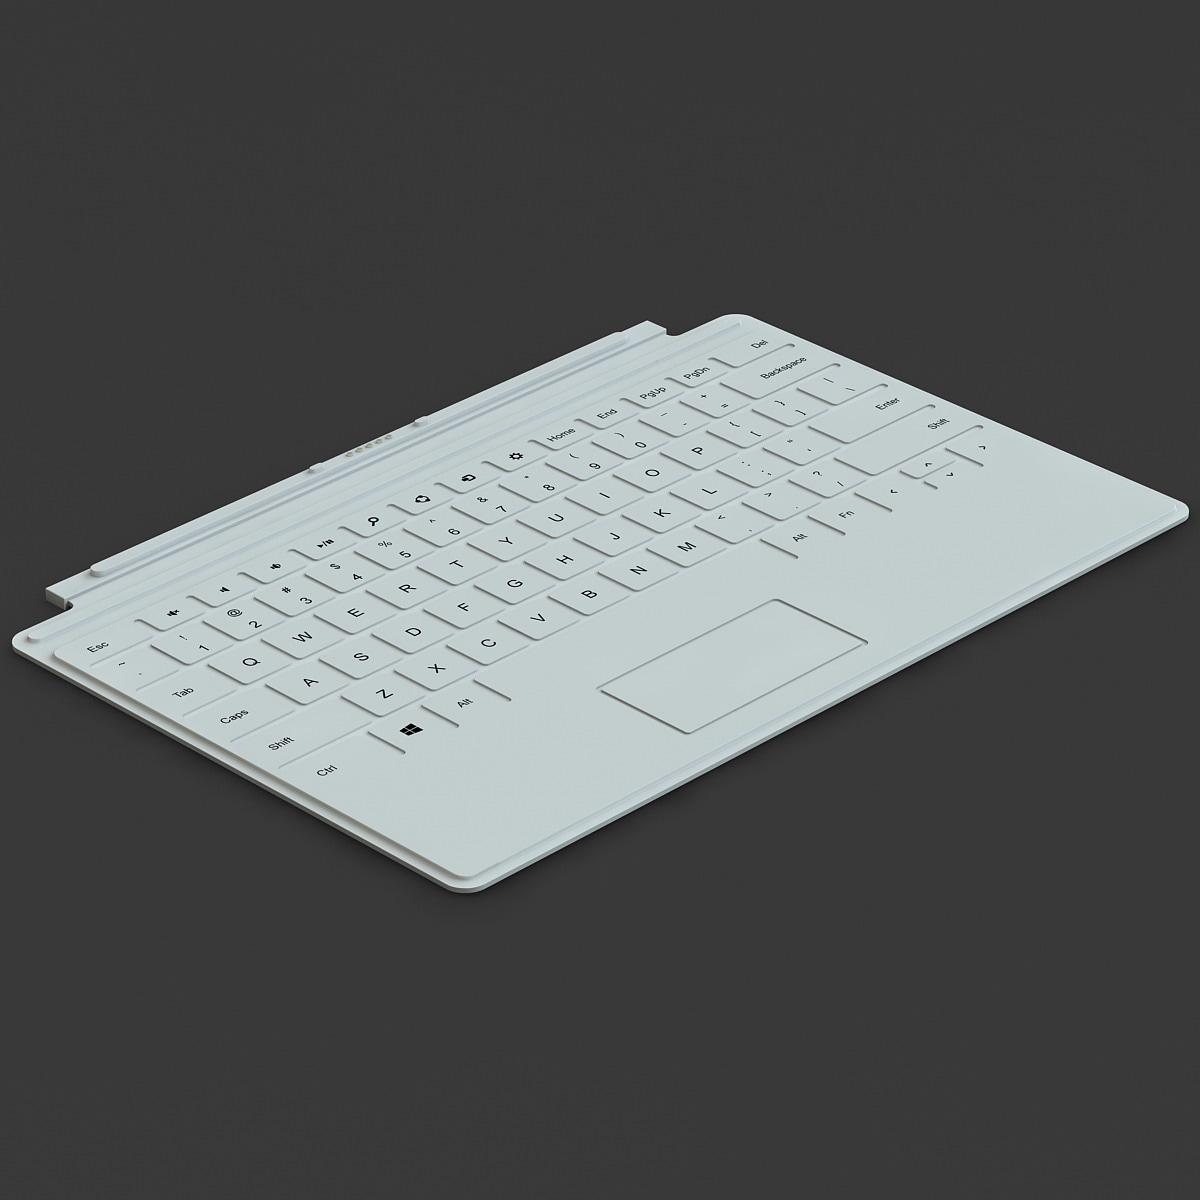 105351_Microsoft_Surface_Keyboard_004.jpg